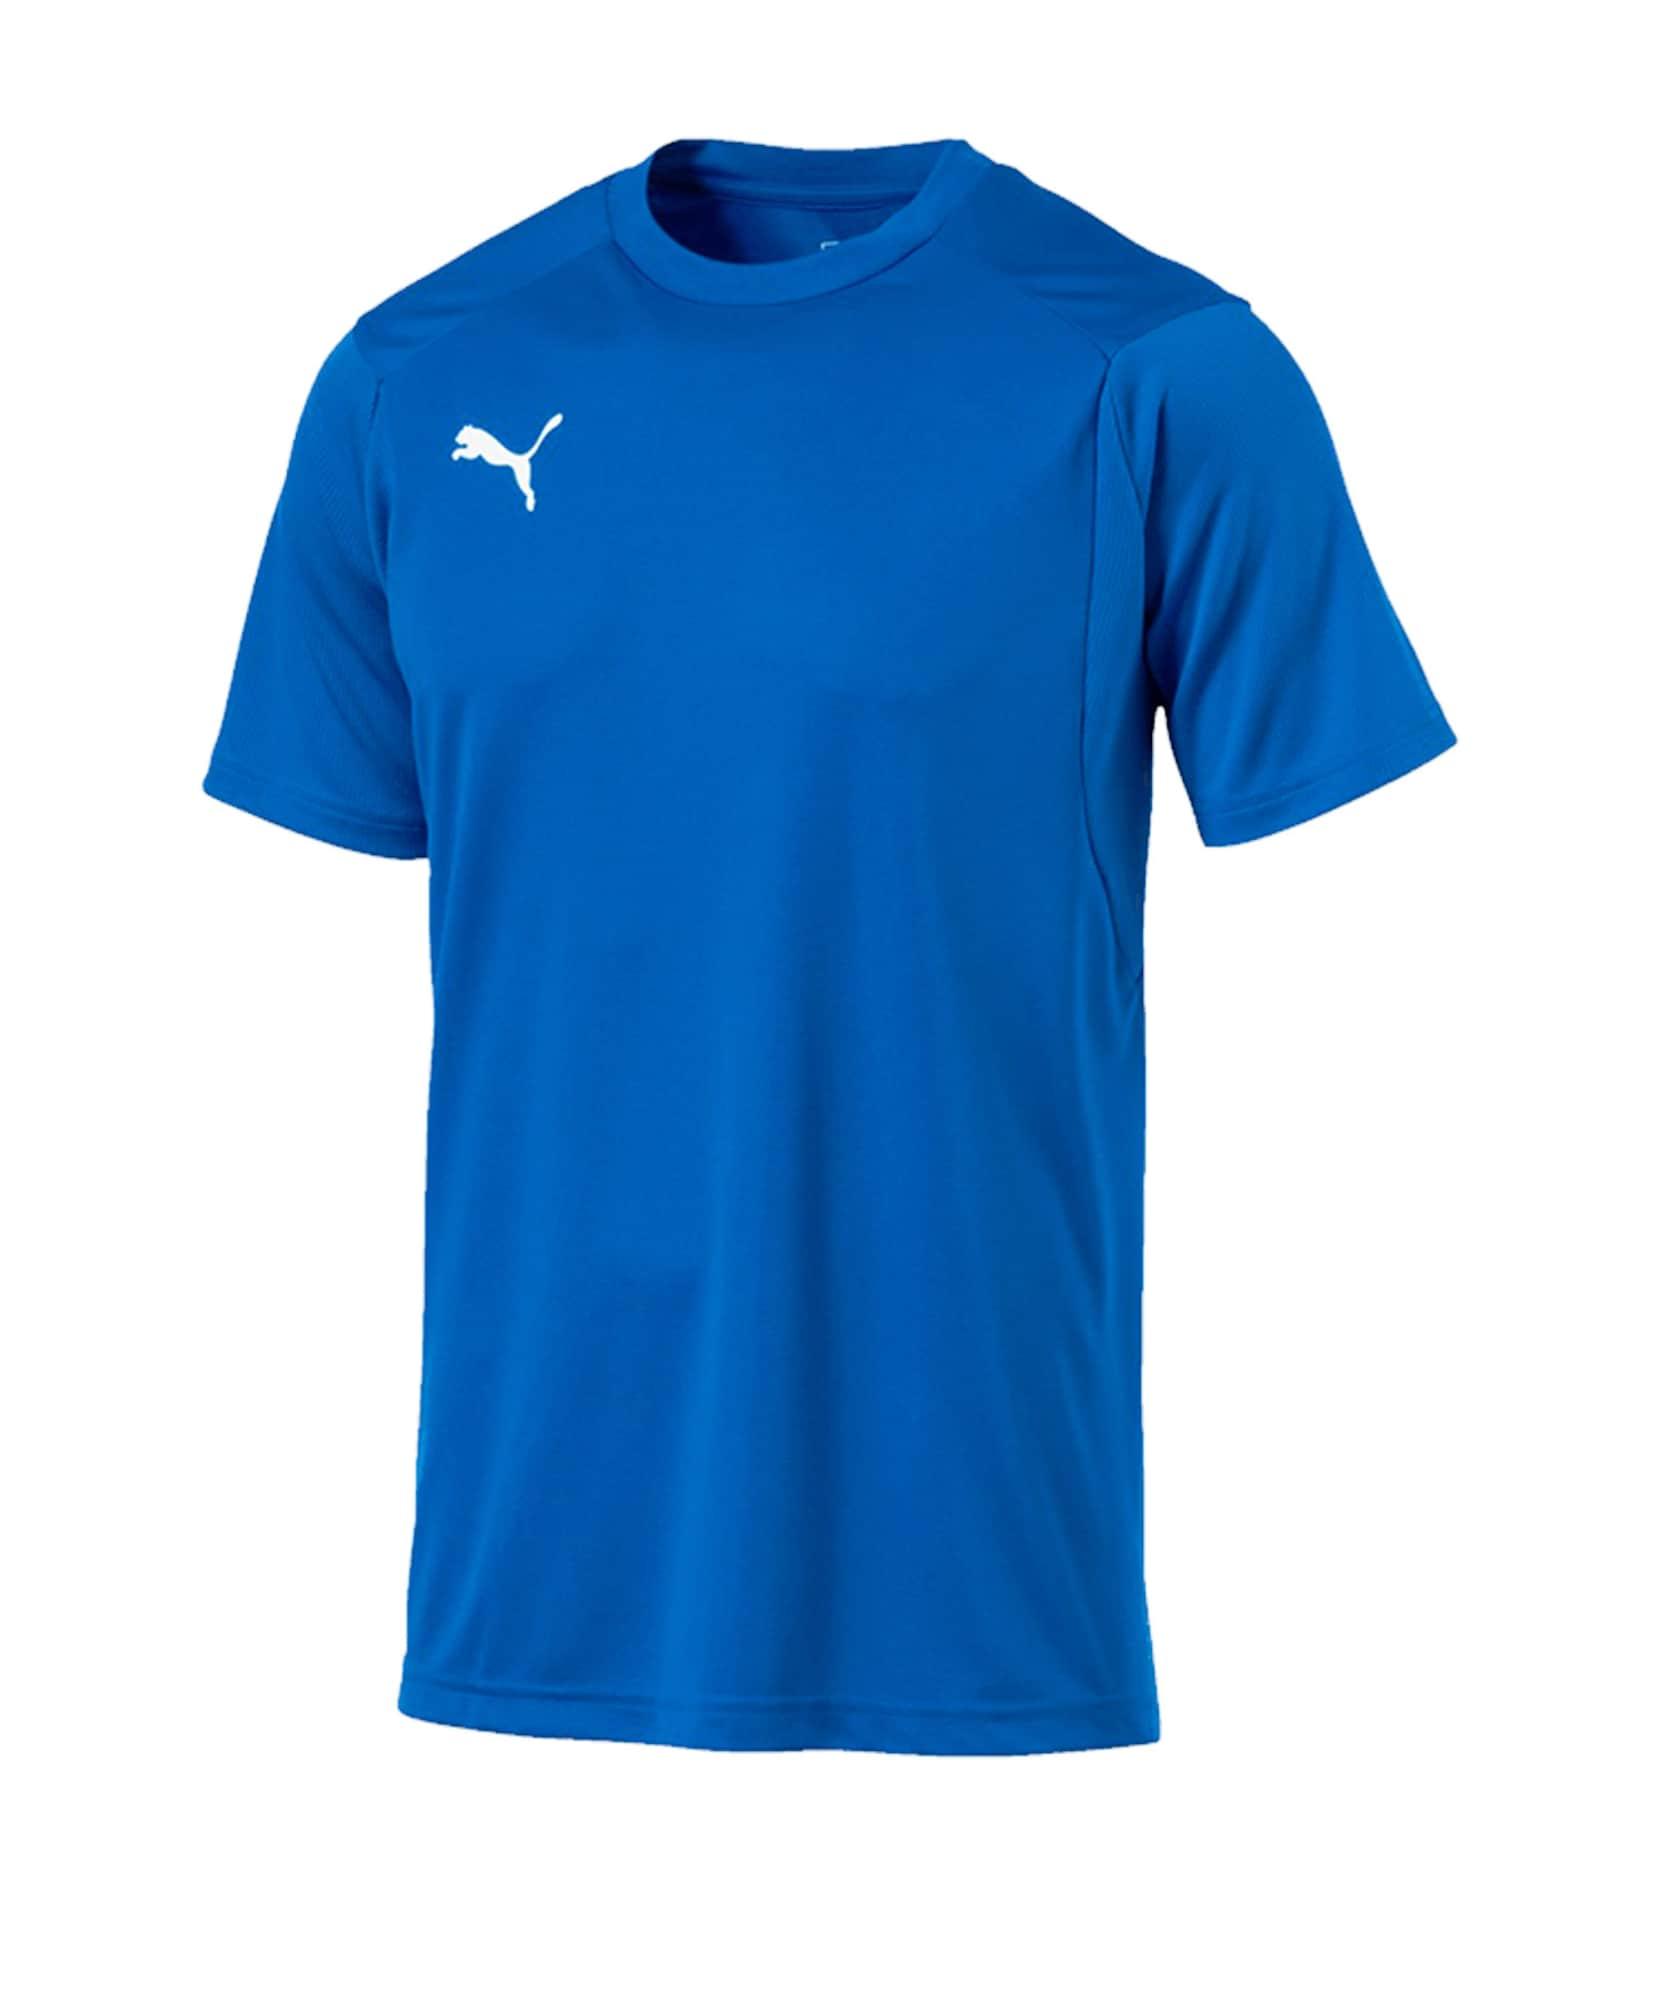 PUMA Sportiniai marškinėliai dangaus žydra / balta